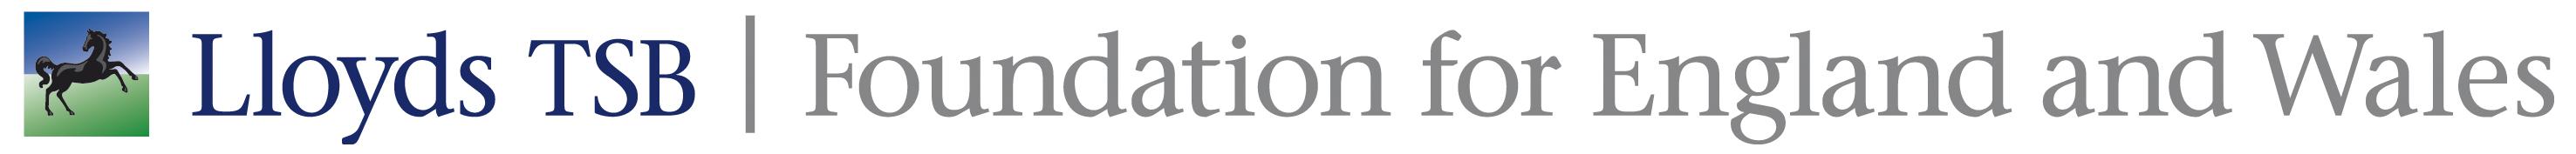 LTSBF-logo-rgb